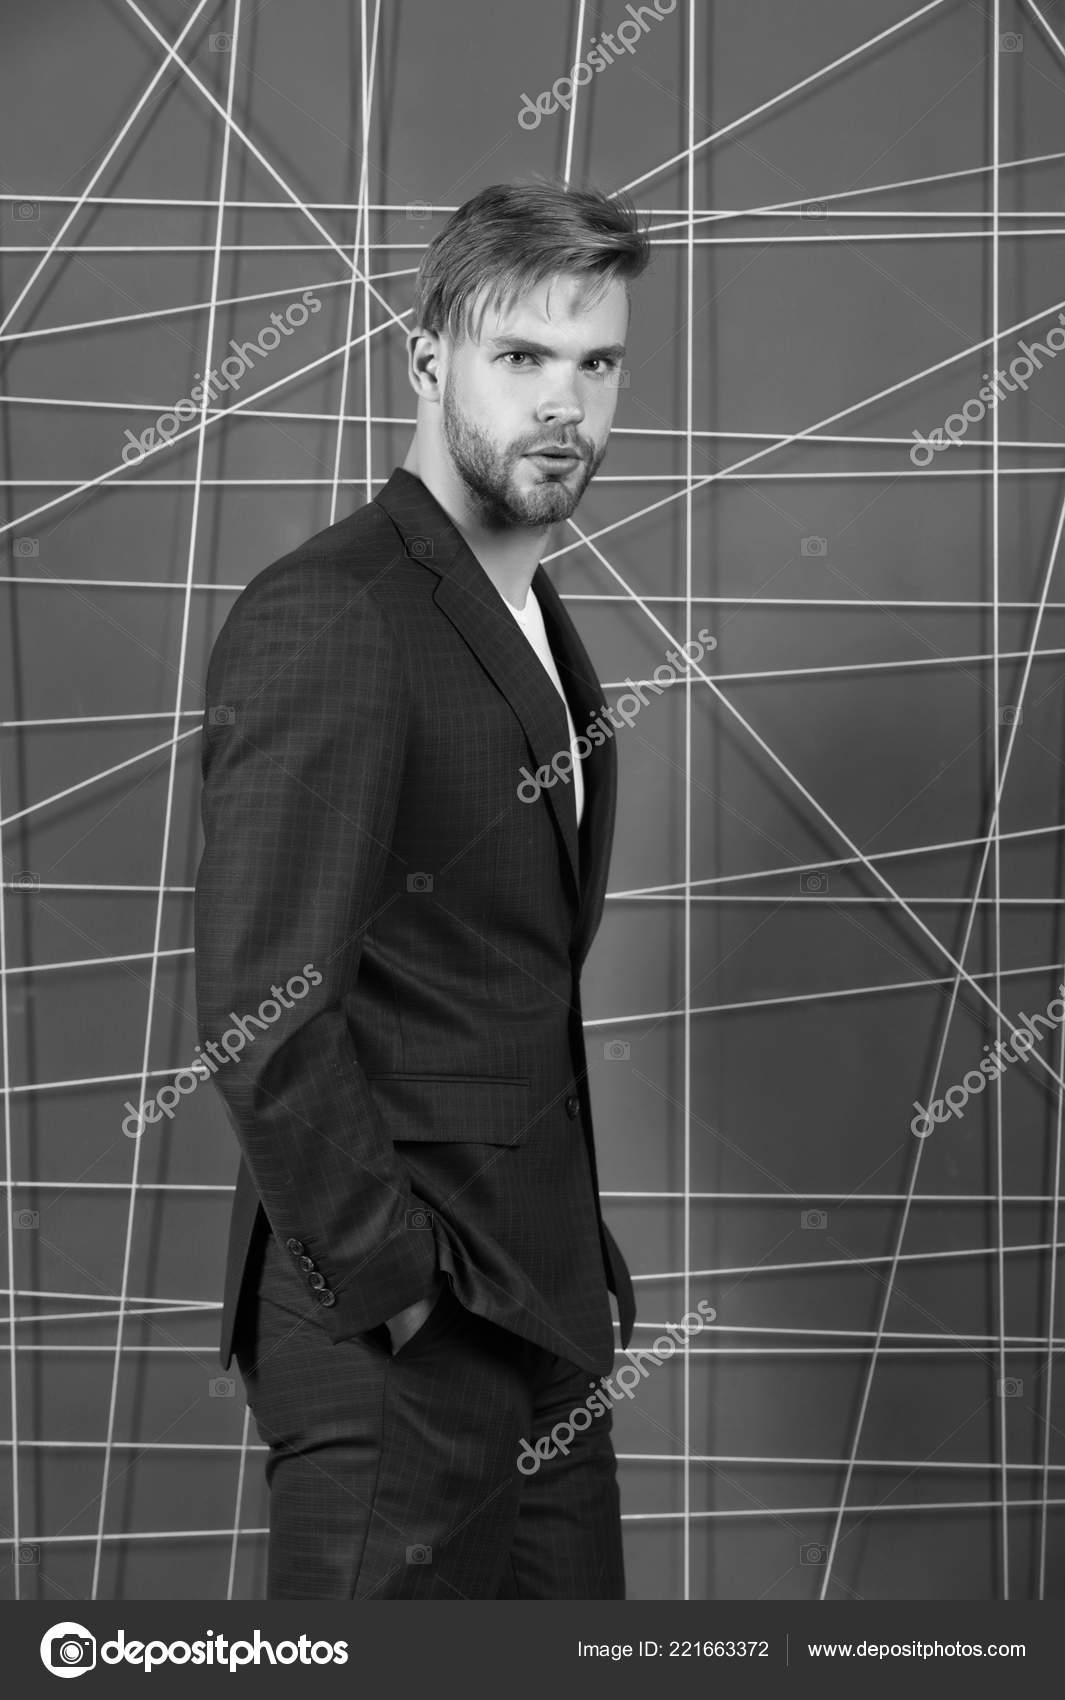 72def4298d Moda masculina e conceito de guarda-roupa elegante. Roupa apropriada  influenciar reputação na sociedade. Homem ou empresário desgaste clássico terno  azul ...